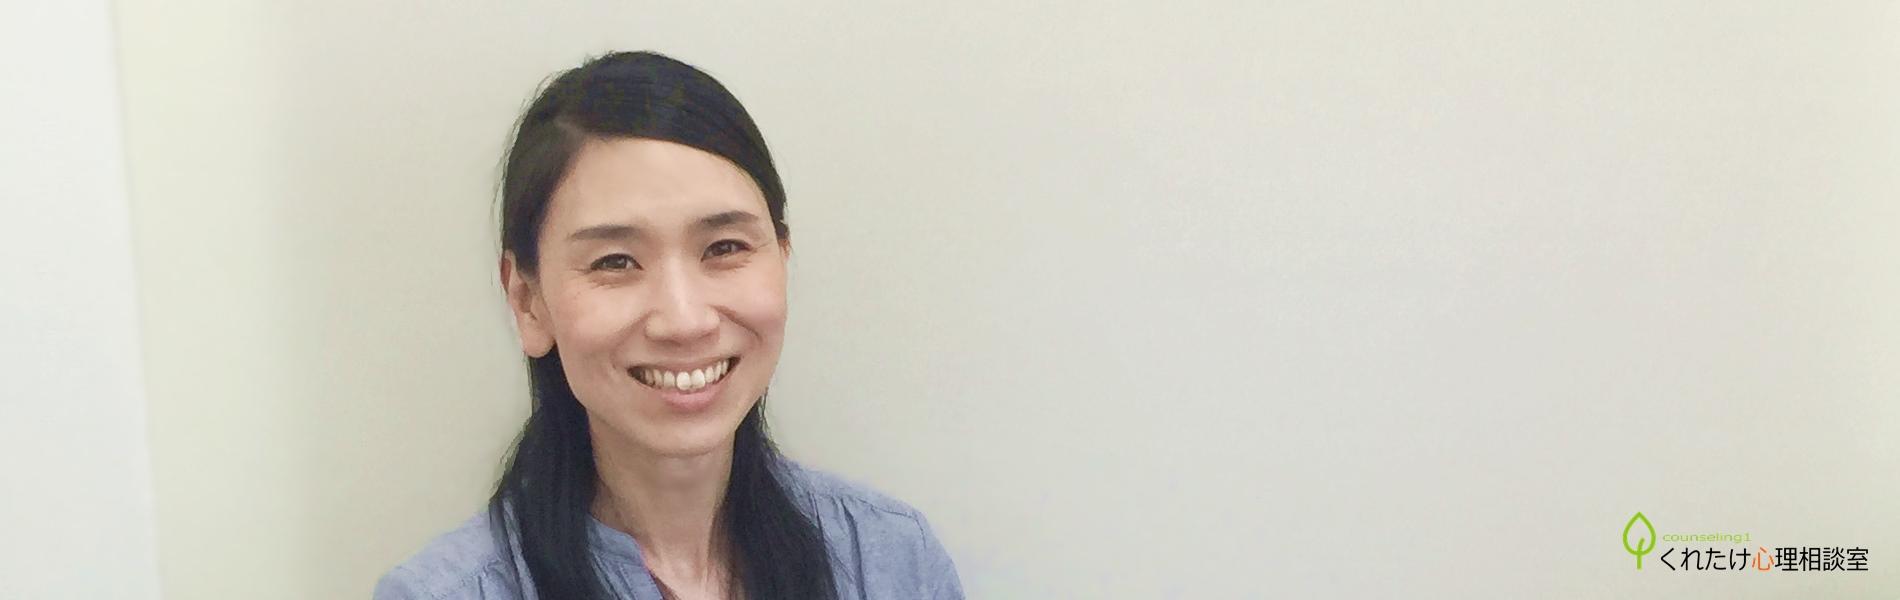 愛知県安城市の心理カウンセラー